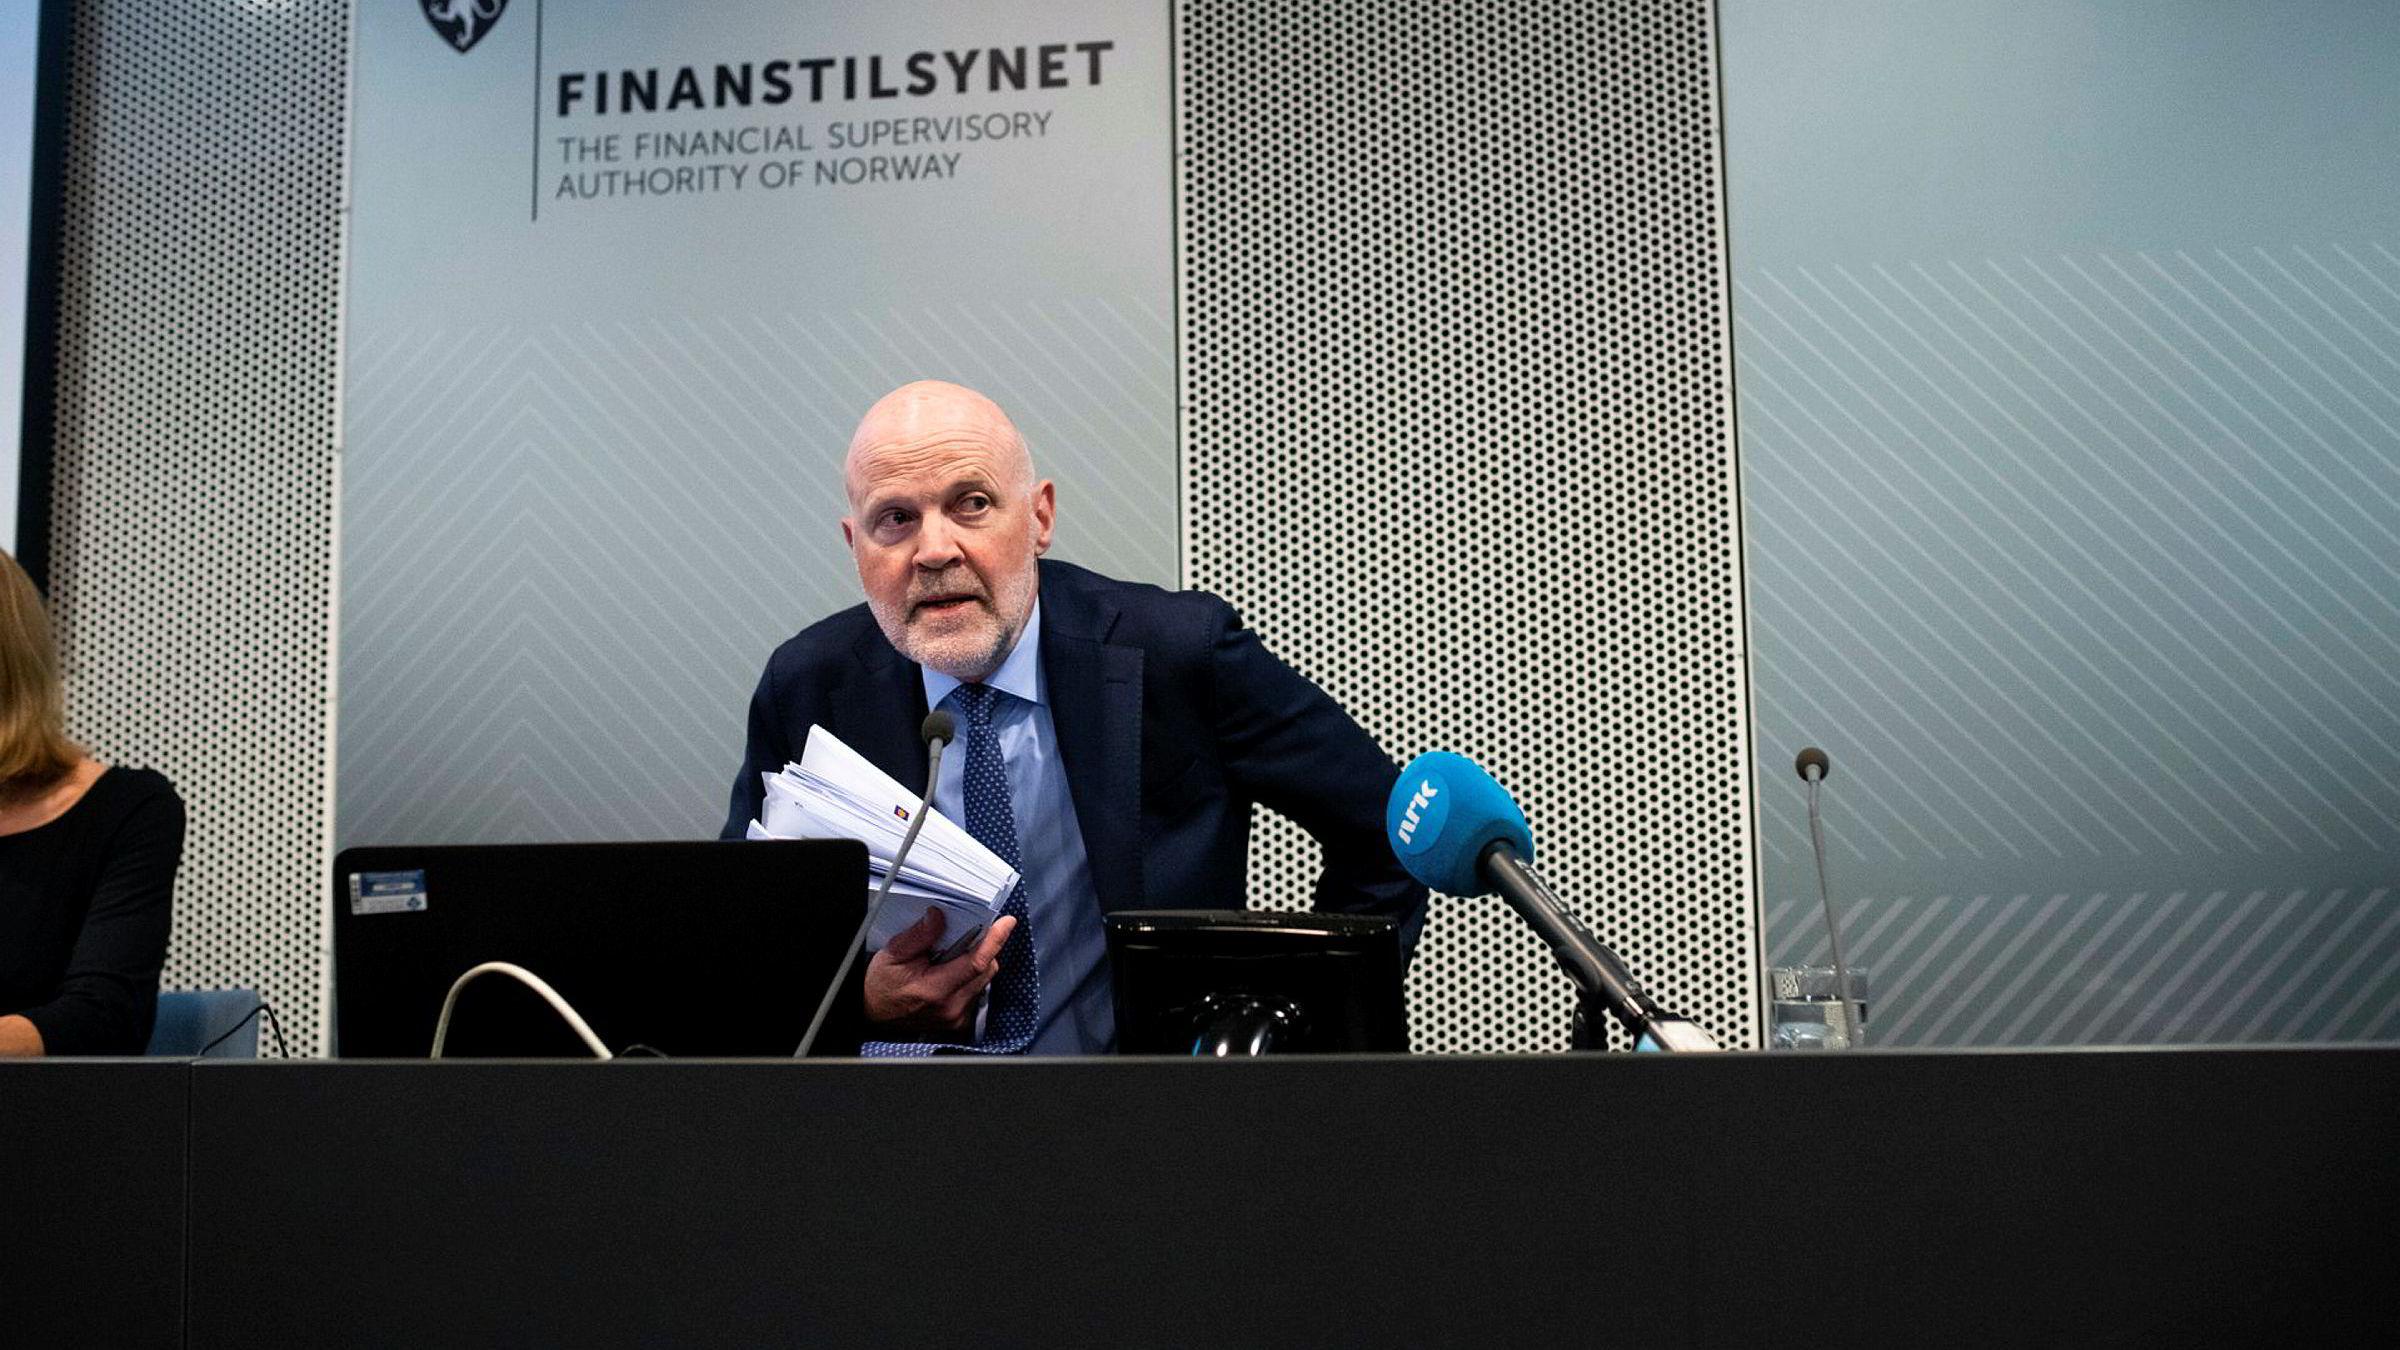 Finanstilsynets sjef Morten Baltzersen vil følge opp banker som ikke følger det nye regelverket om forbrukslån.